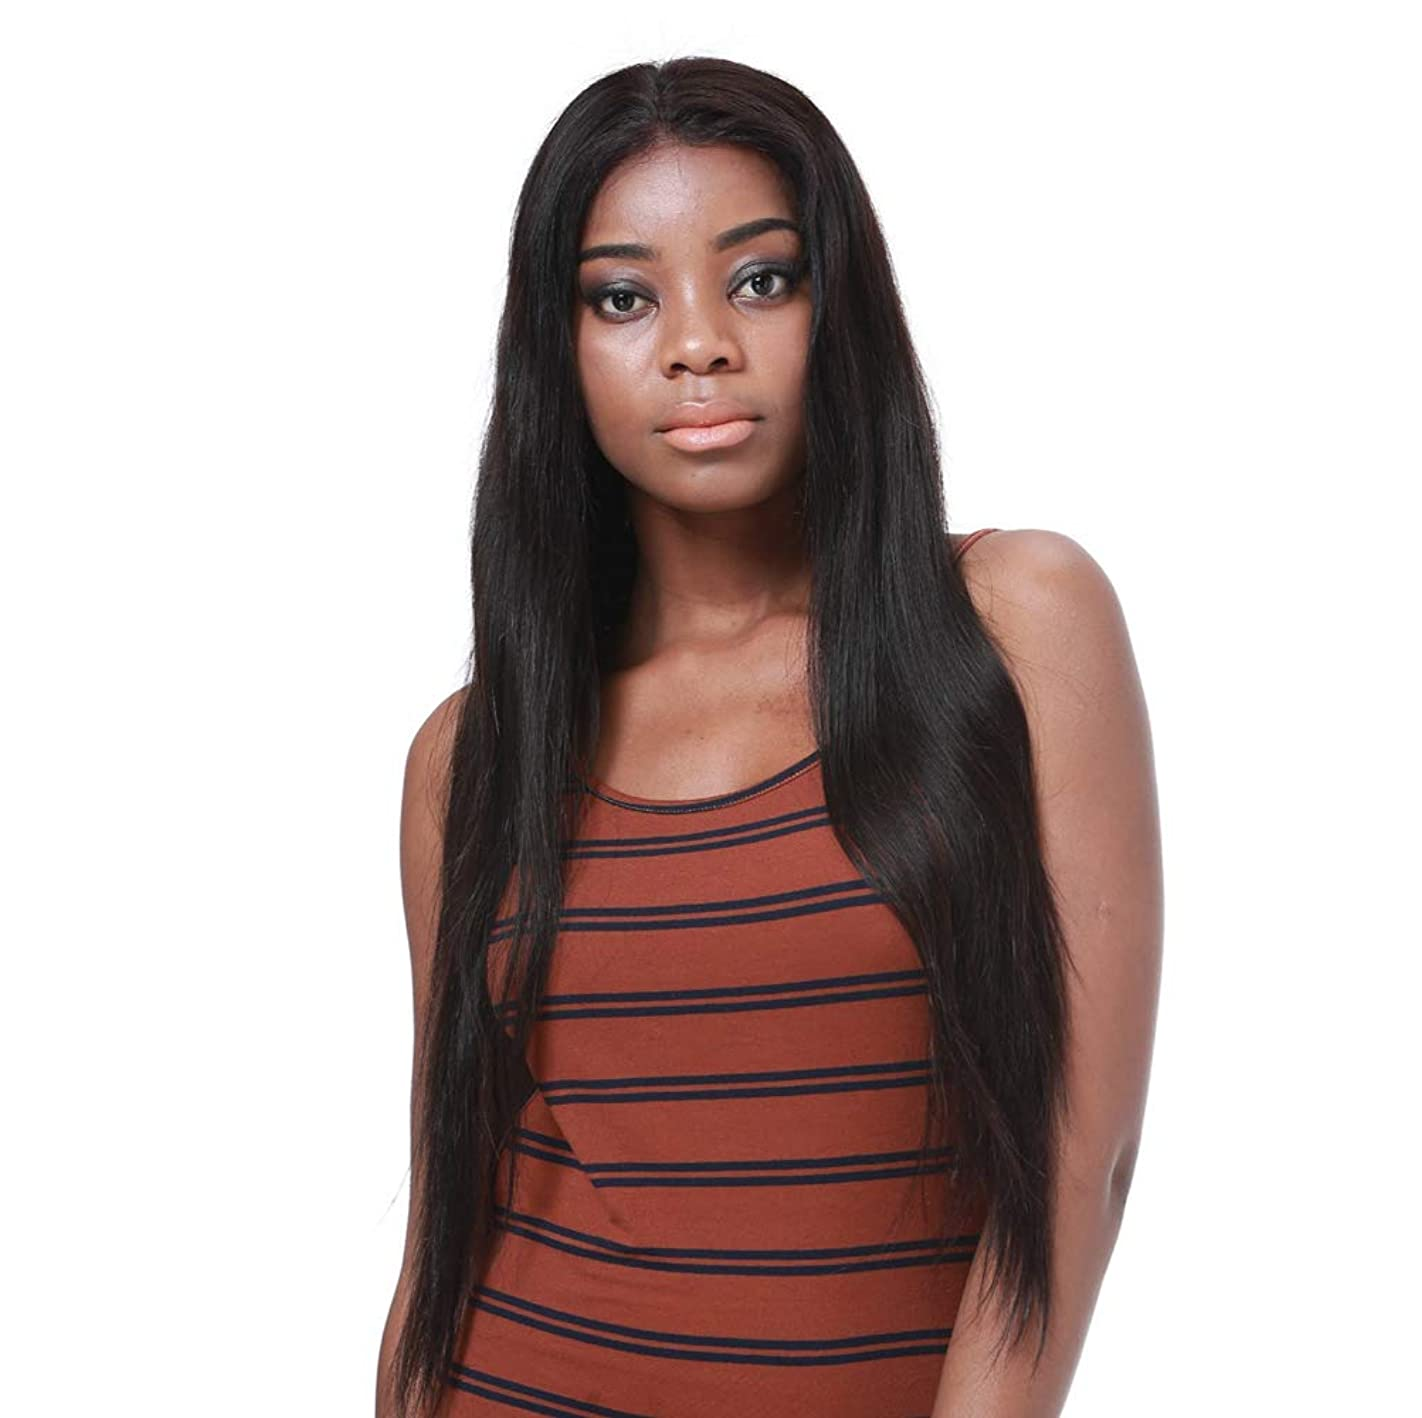 王女狂信者ジャンク合成耐熱天然高品質かつらのためのフロントレースかつら女性の長いストレートの髪